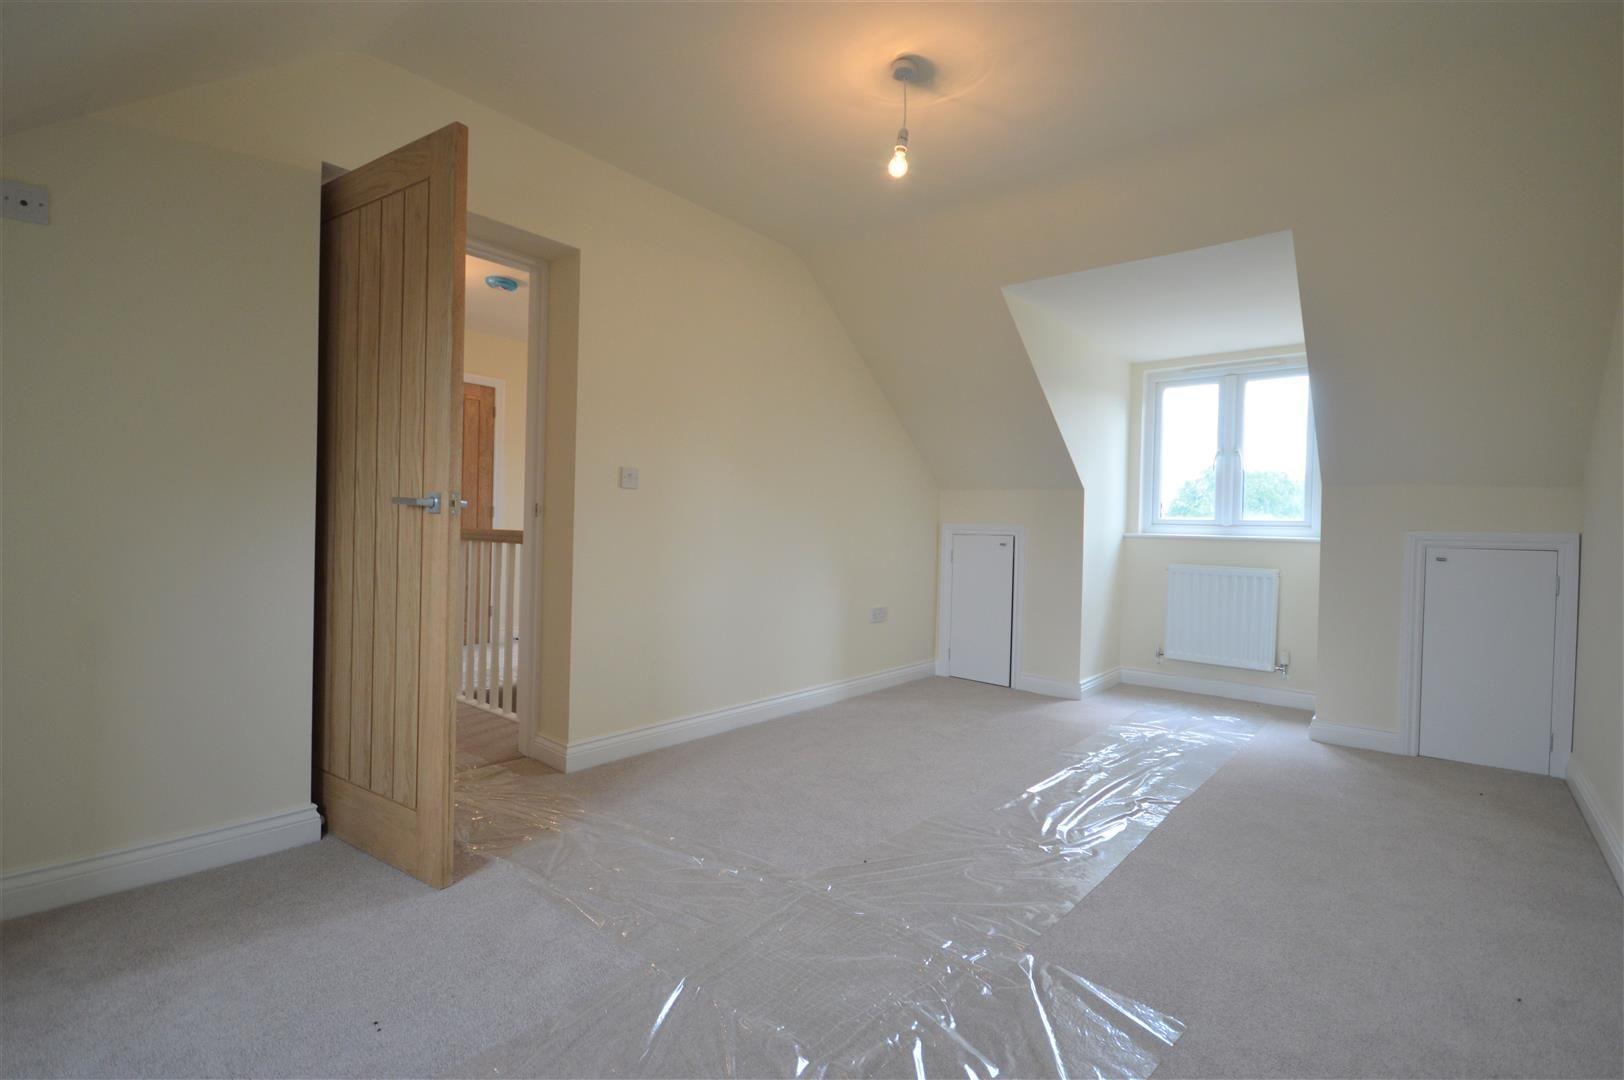 4 bed detached for sale in Kingsland 7